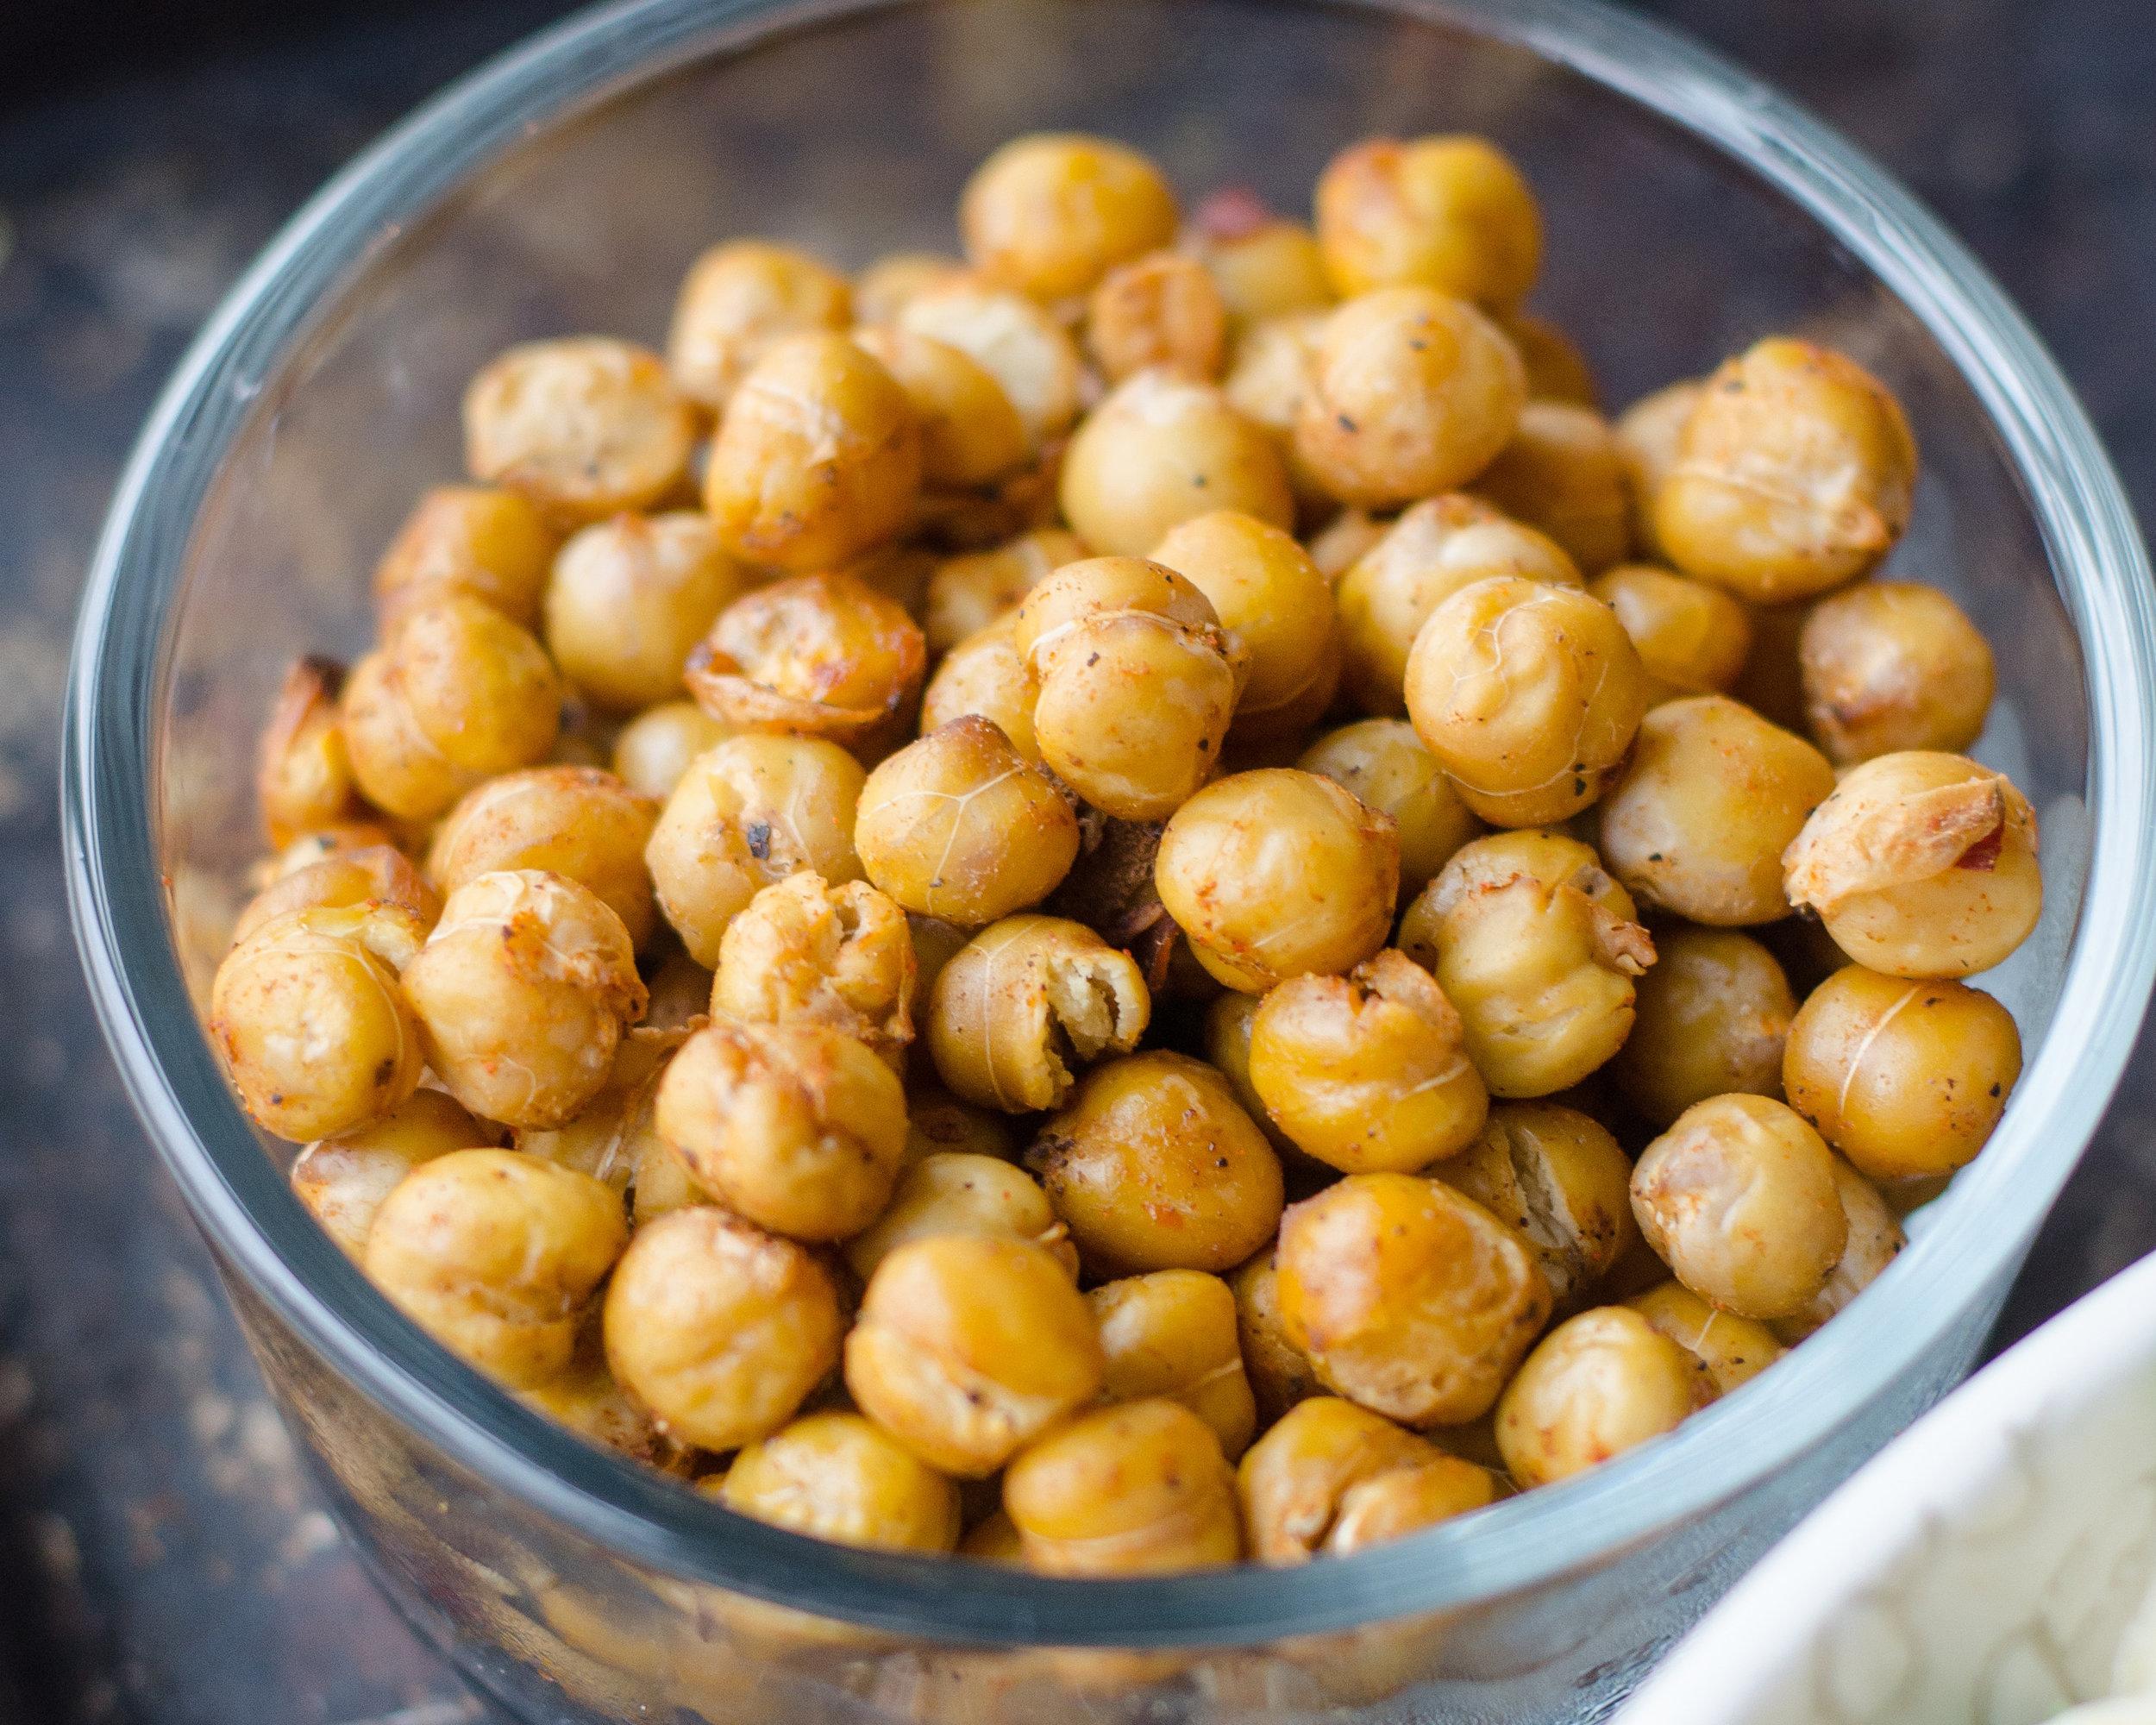 Dr. Fuhrman's Chickpea Popcorn